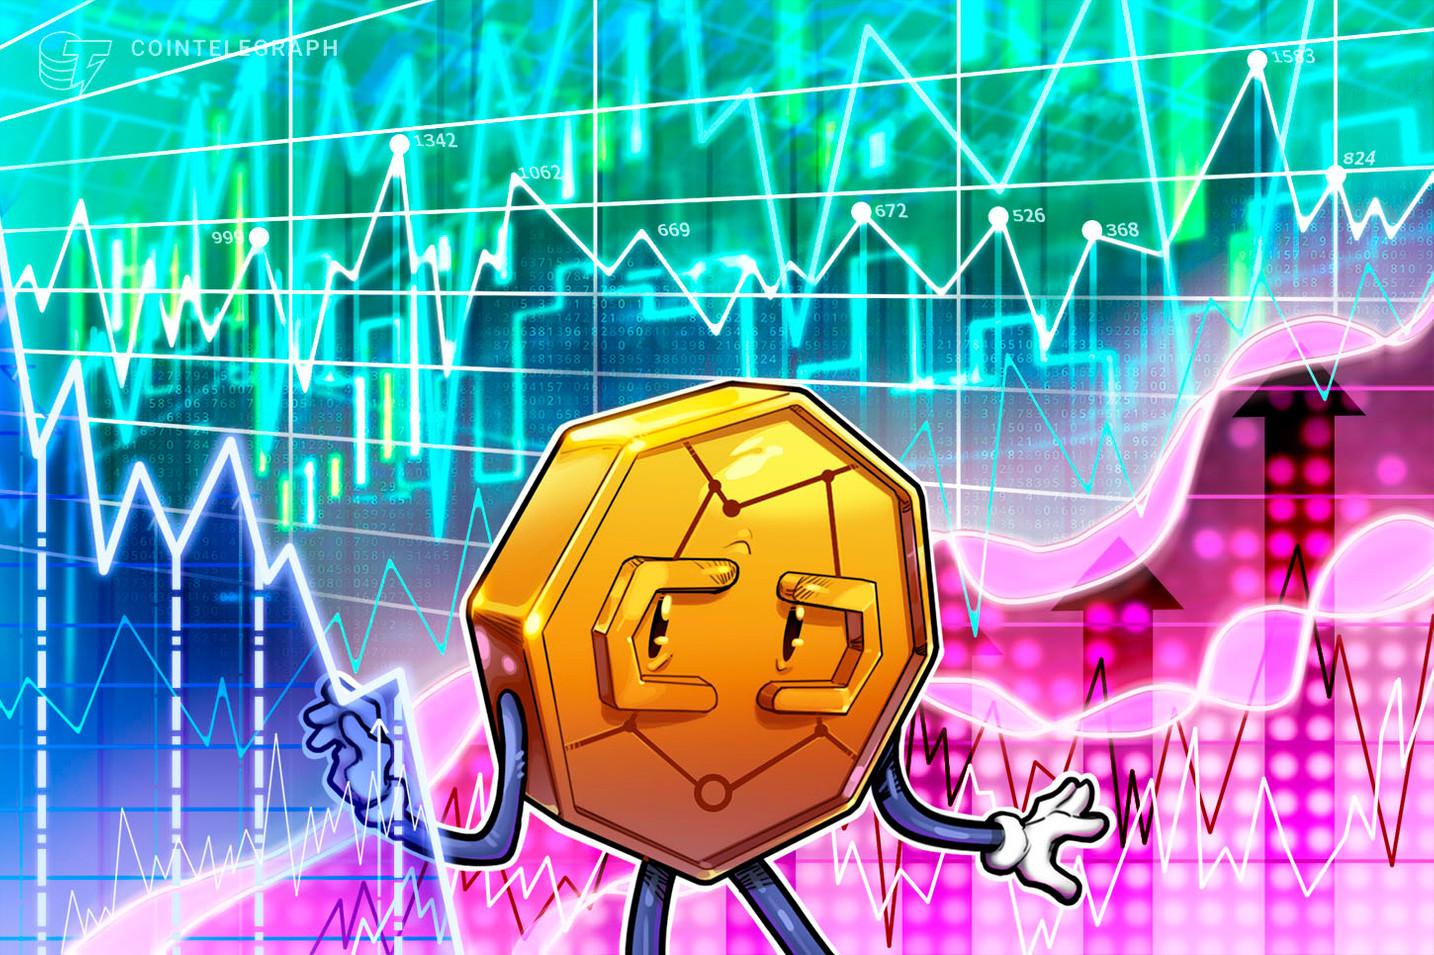 Las principales monedas se negocian lateralmente, el precio de Bitcoin ronda los USD 8,000